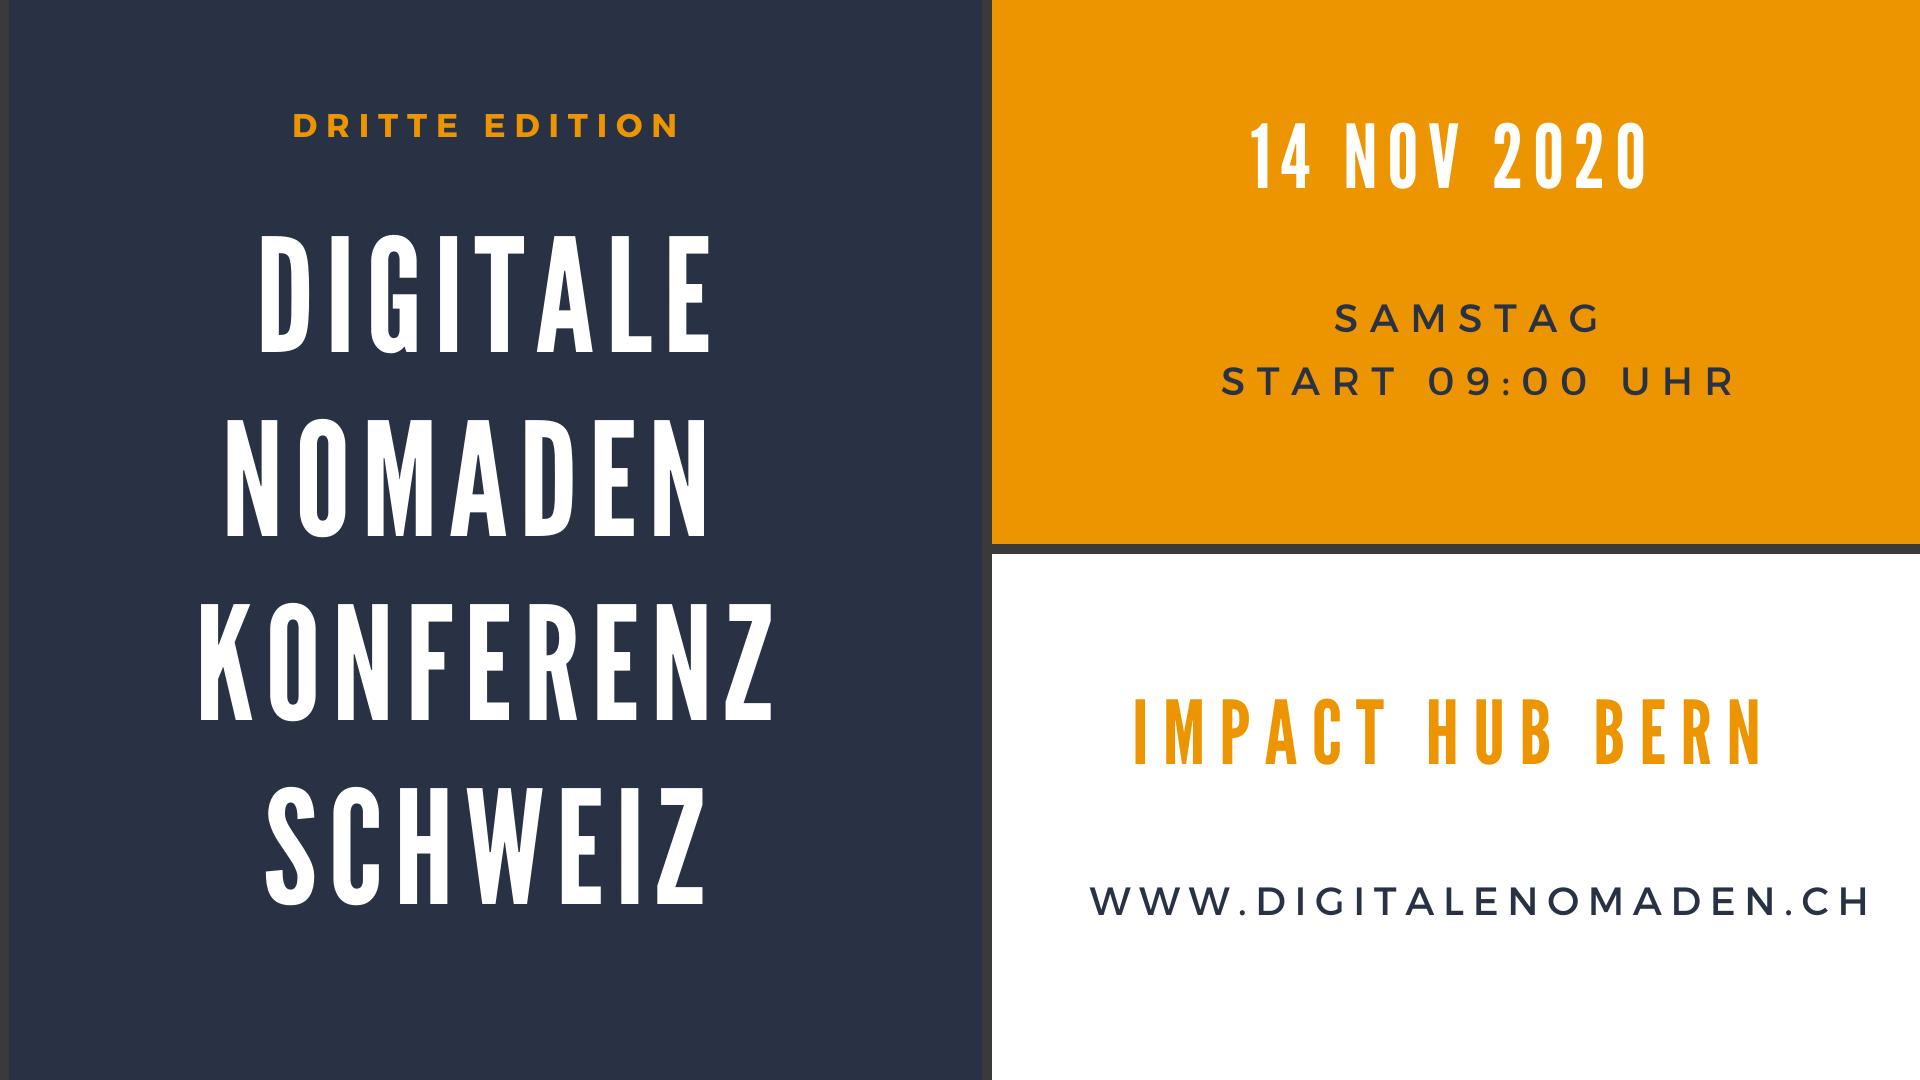 Digitale Nomaden Konferenz